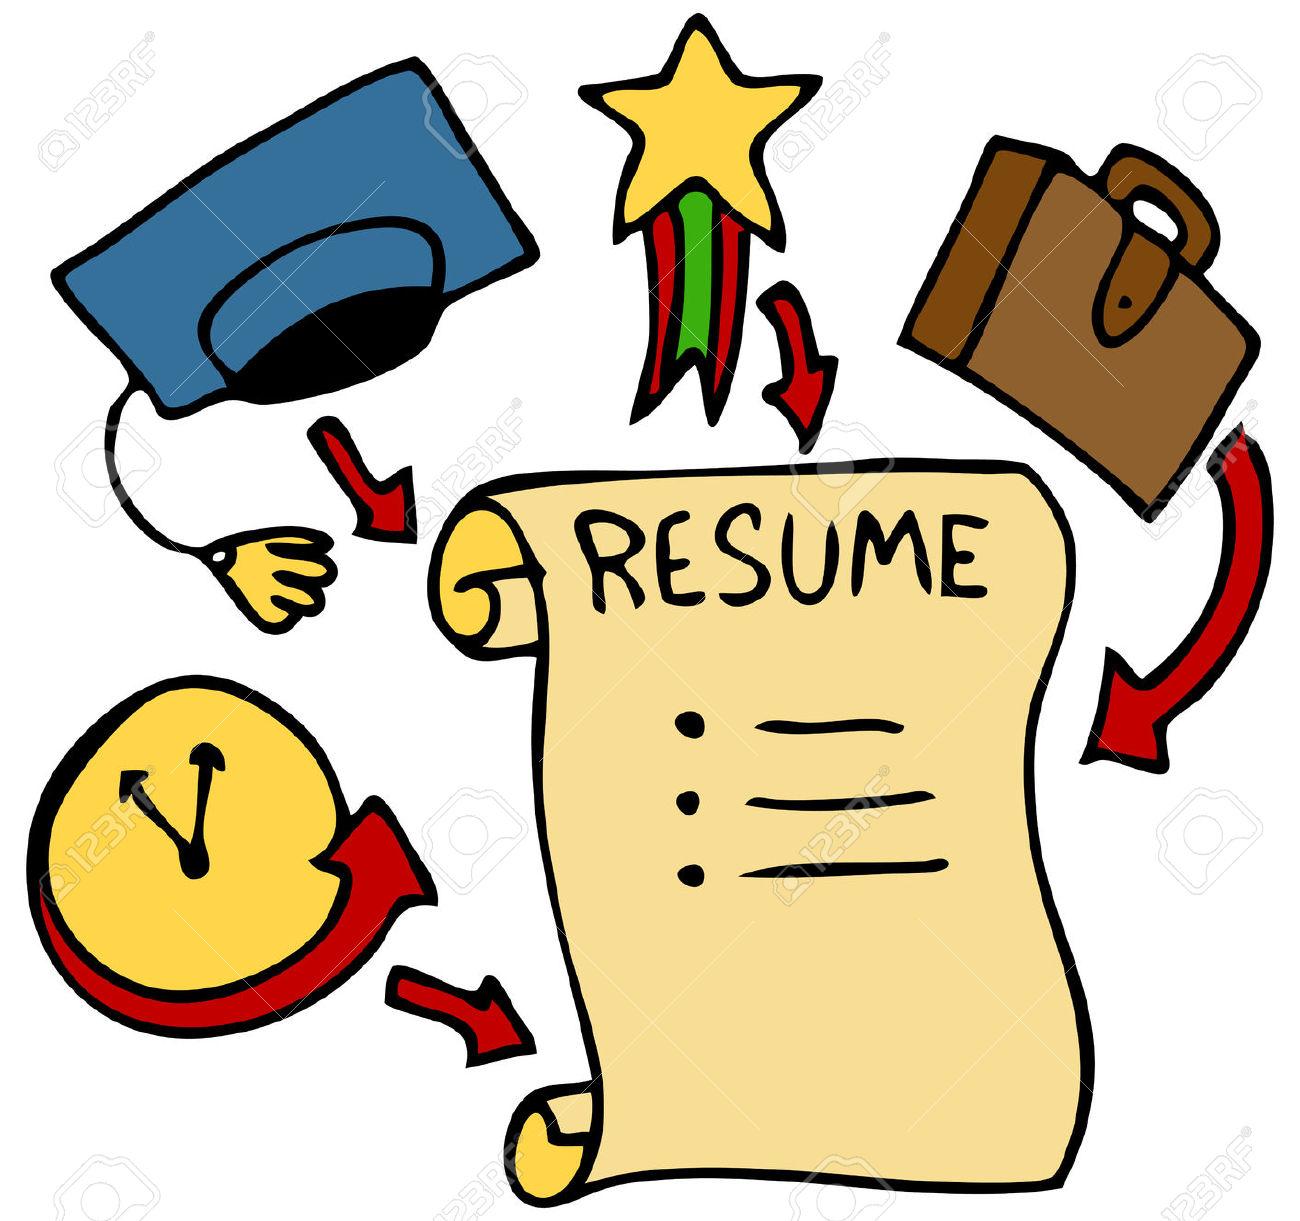 Job images free download. Jobs clipart clip art